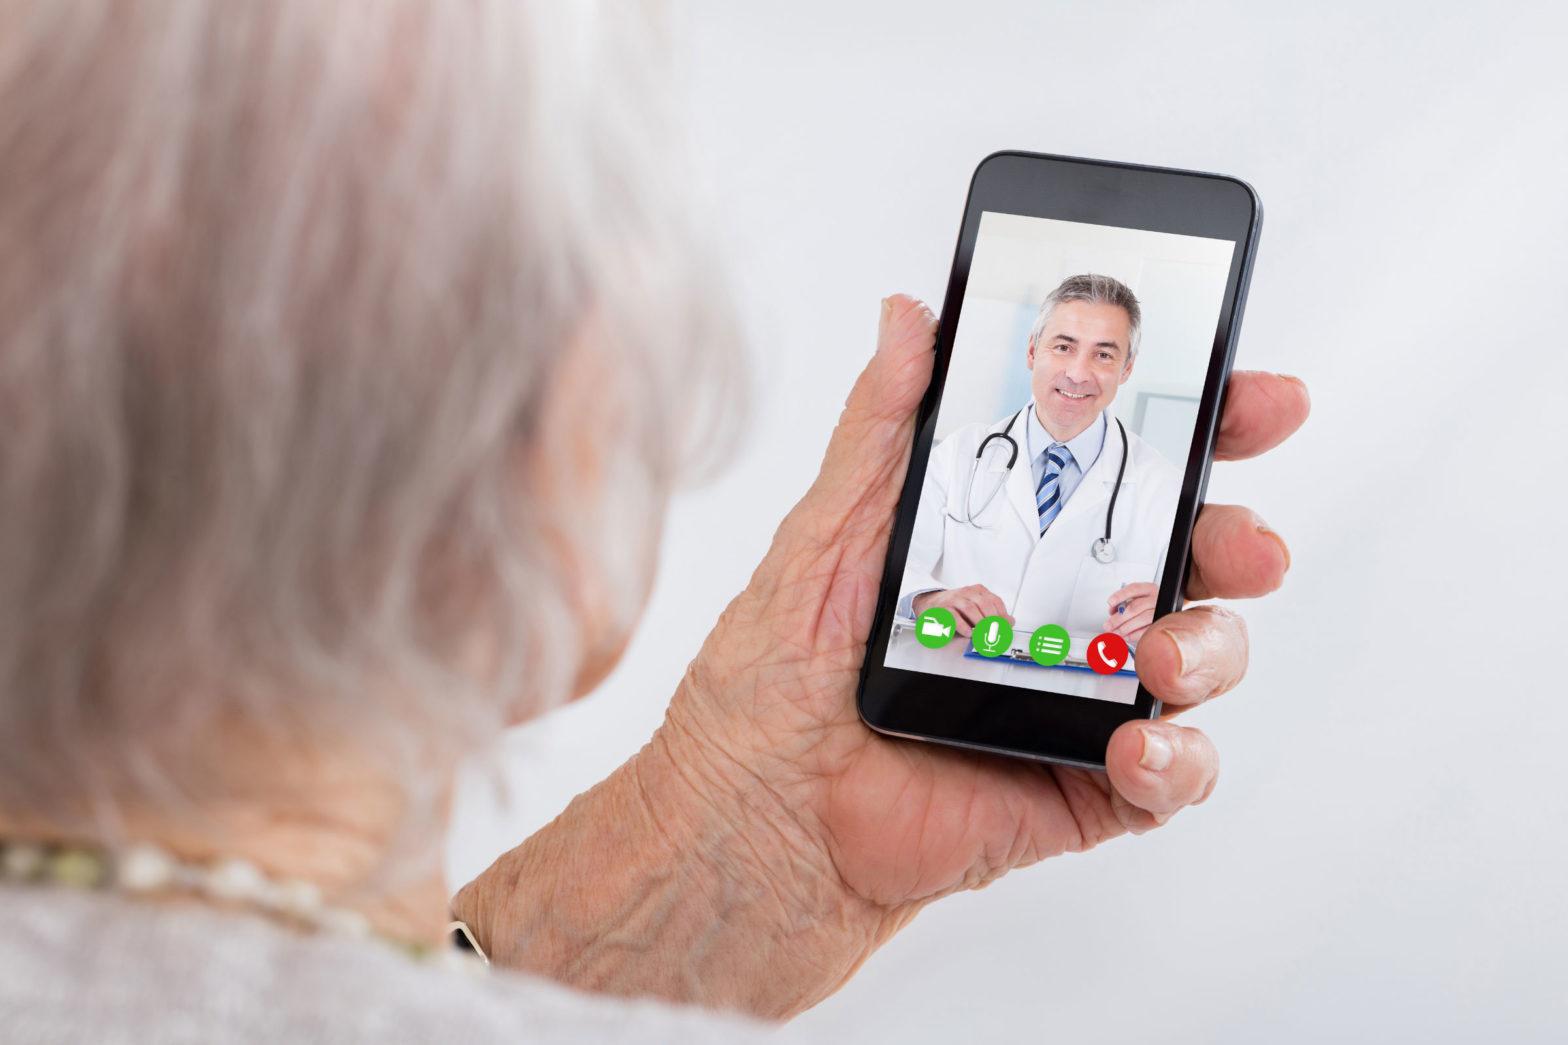 telemedicina paciente idoso dr tis